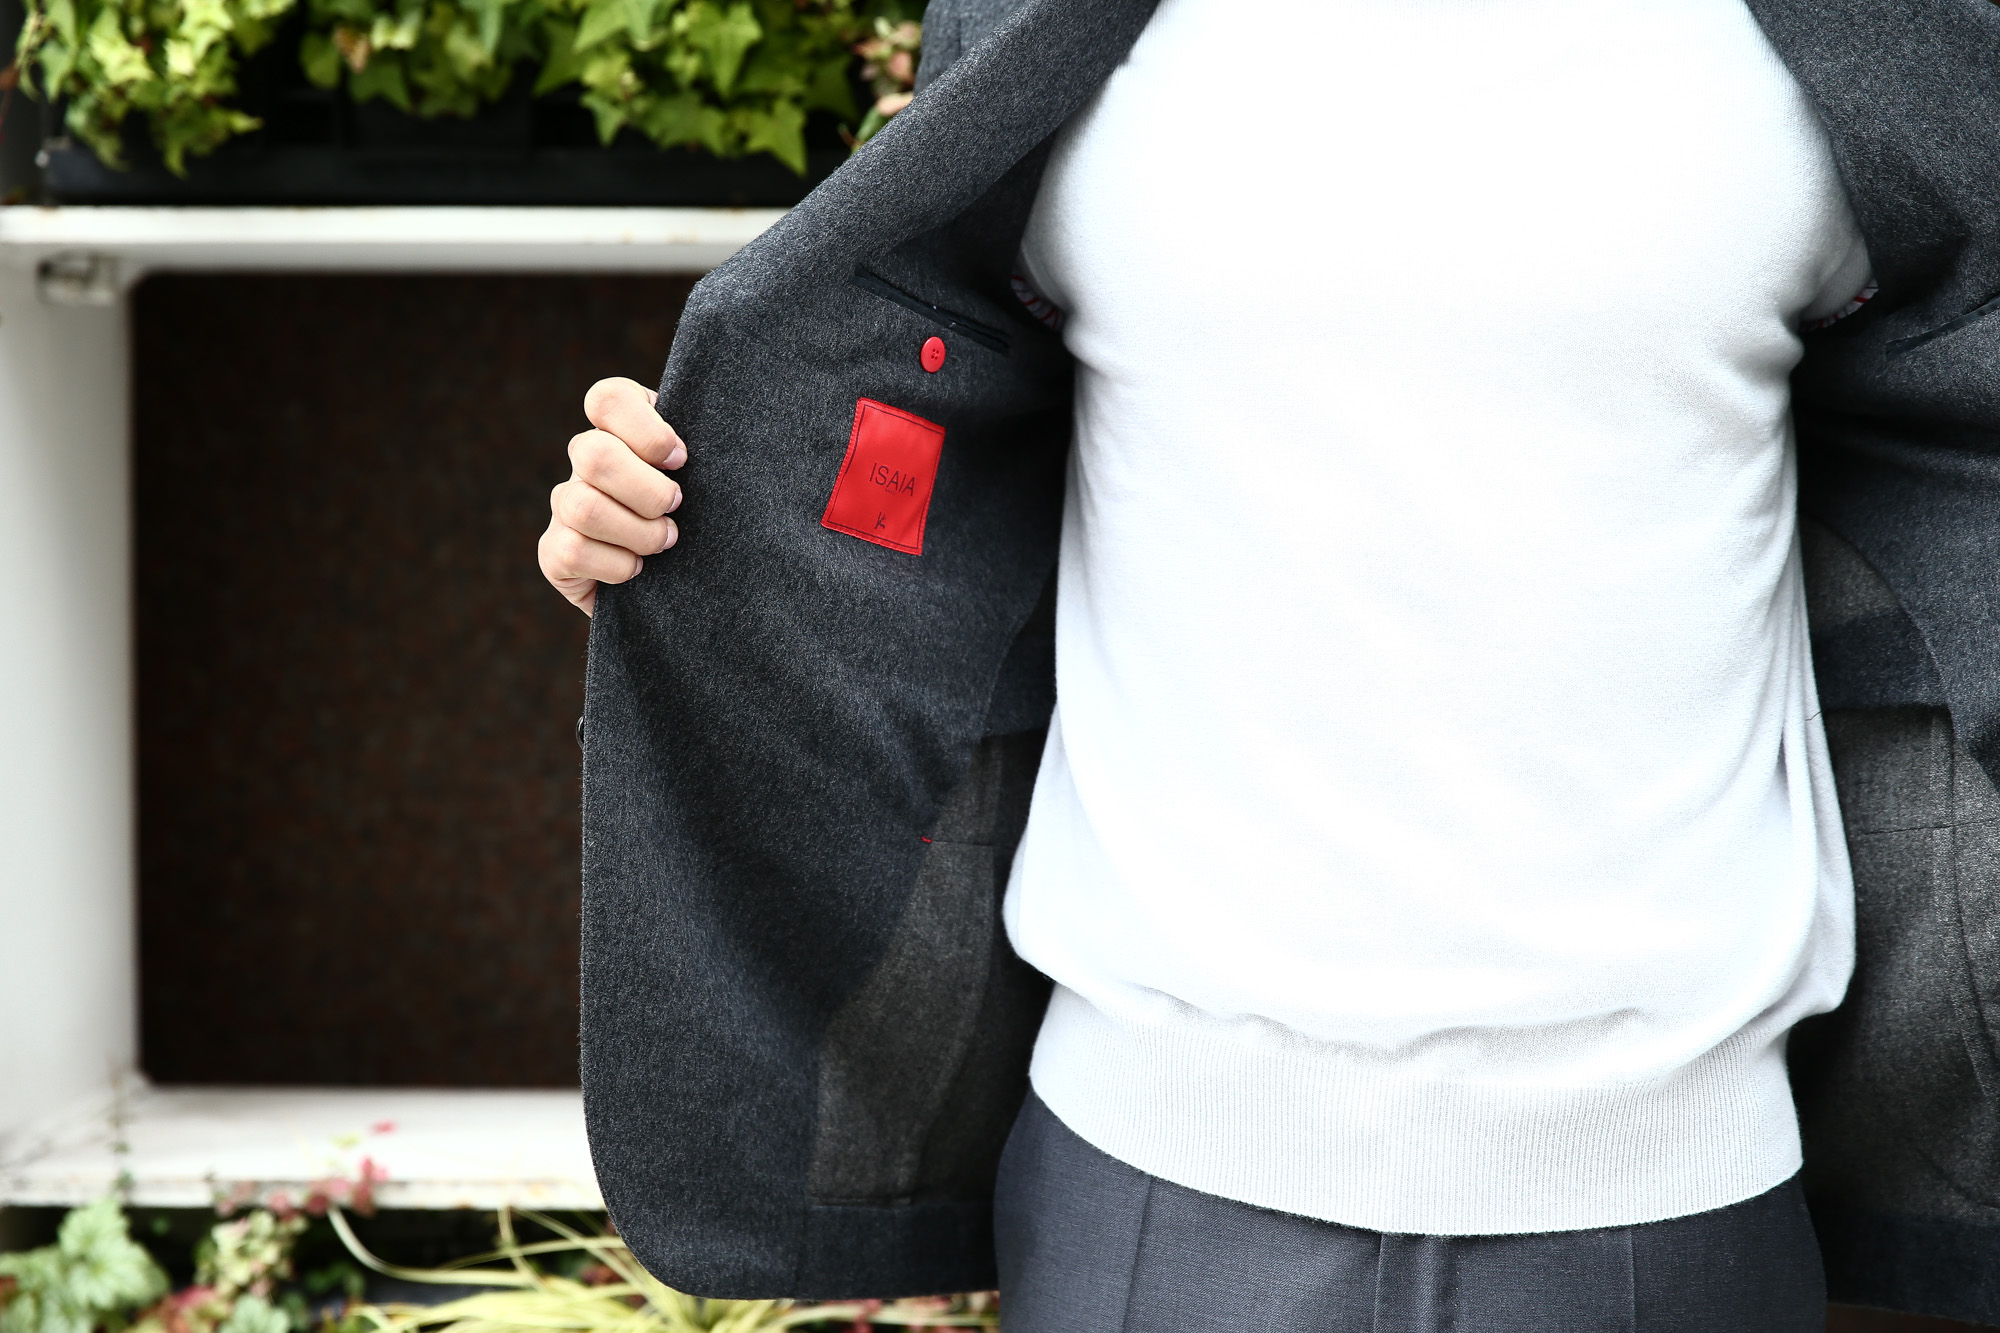 【ISAIA / イザイア】 SAILOR (セイラー) AQUA MOLESKIN ウールカシミア モールスキン フランネル アンコン 3Bジャケット MEDIUM GRAY (ミディアムグレー・970) Made in italy (イタリア製) 2017 秋冬新作 isaia 愛知 名古屋 ZODIAC ゾディアック